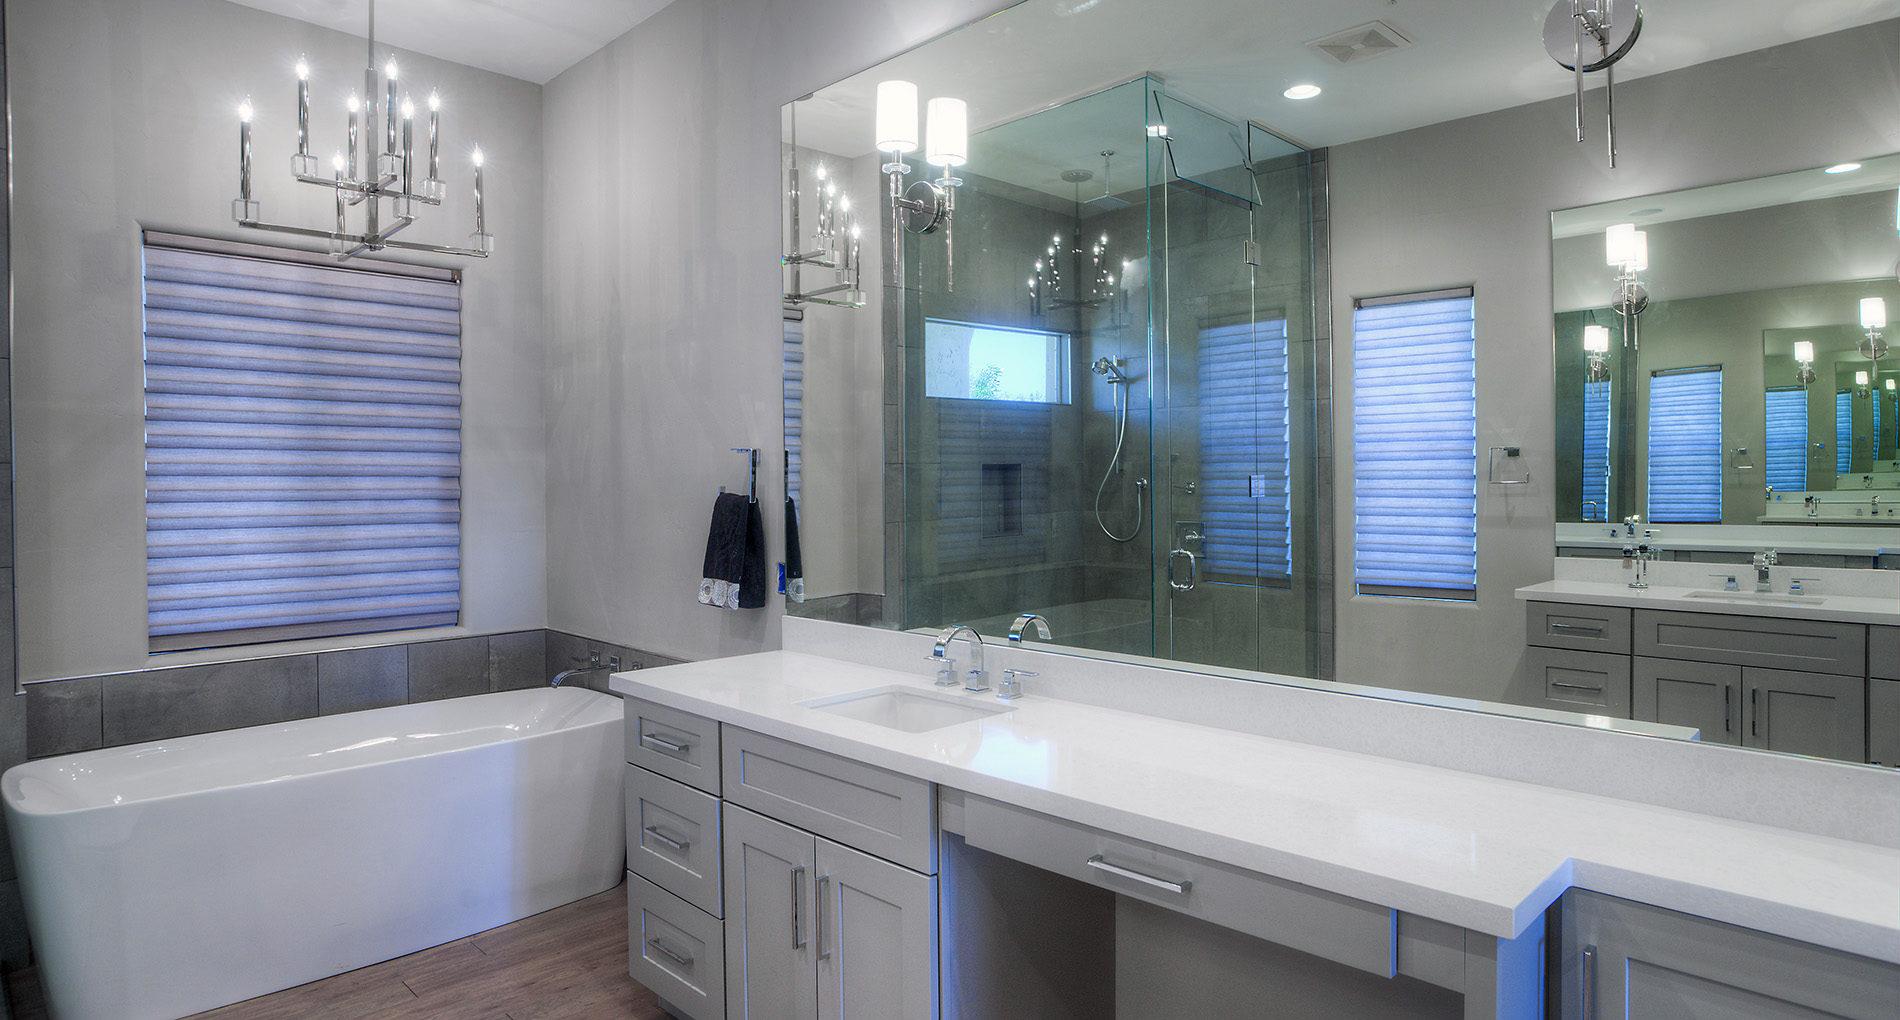 Bathroom Remodeling Gallery Alair Homes Phoenix